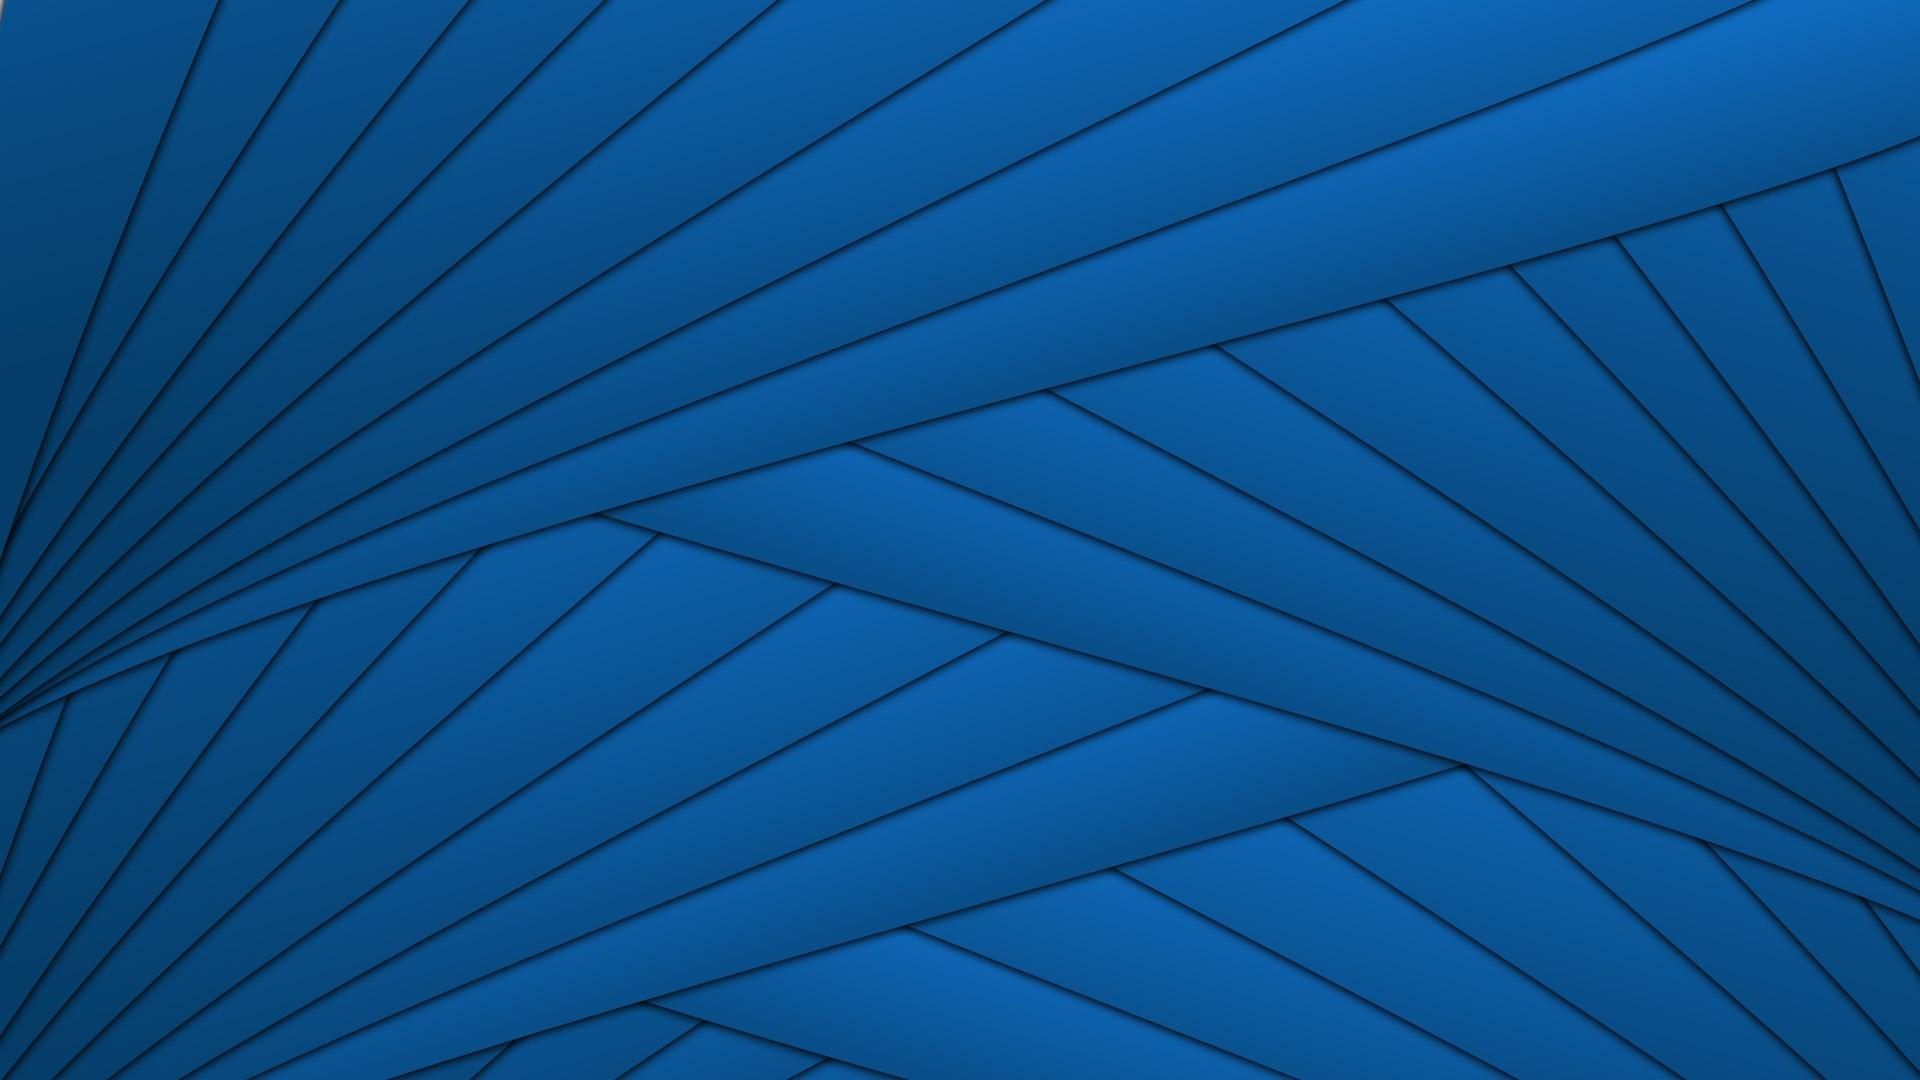 Dark Blue Wallpapers Hd 1920x1080